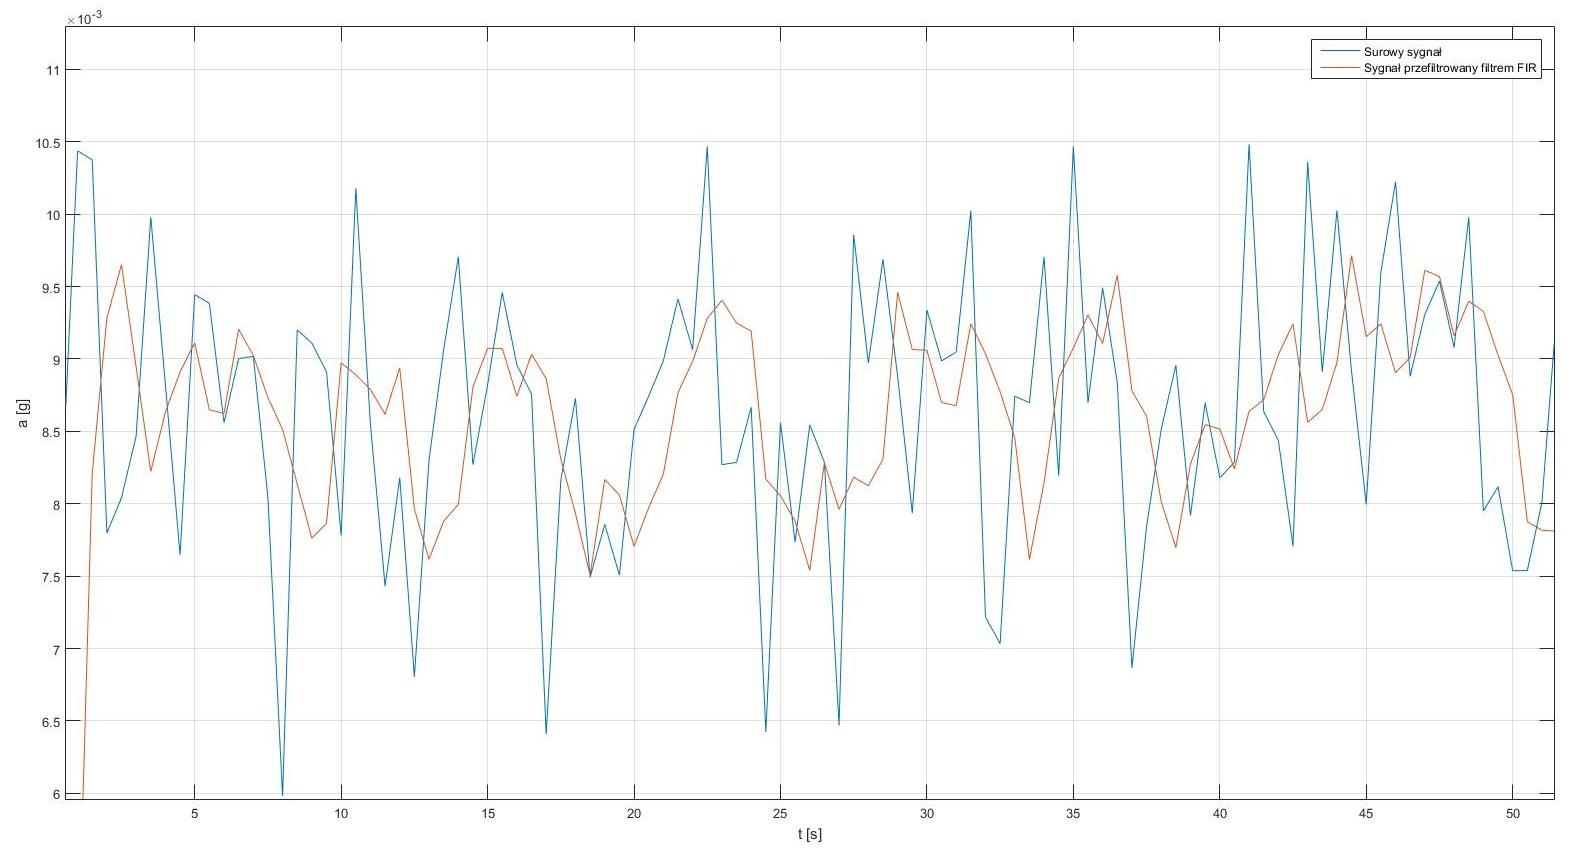 Filtr FIR (filtr o skończonej odpowiedzi impulsowej) - porównanie sygnałów. Sygnał przed i po filtracji.